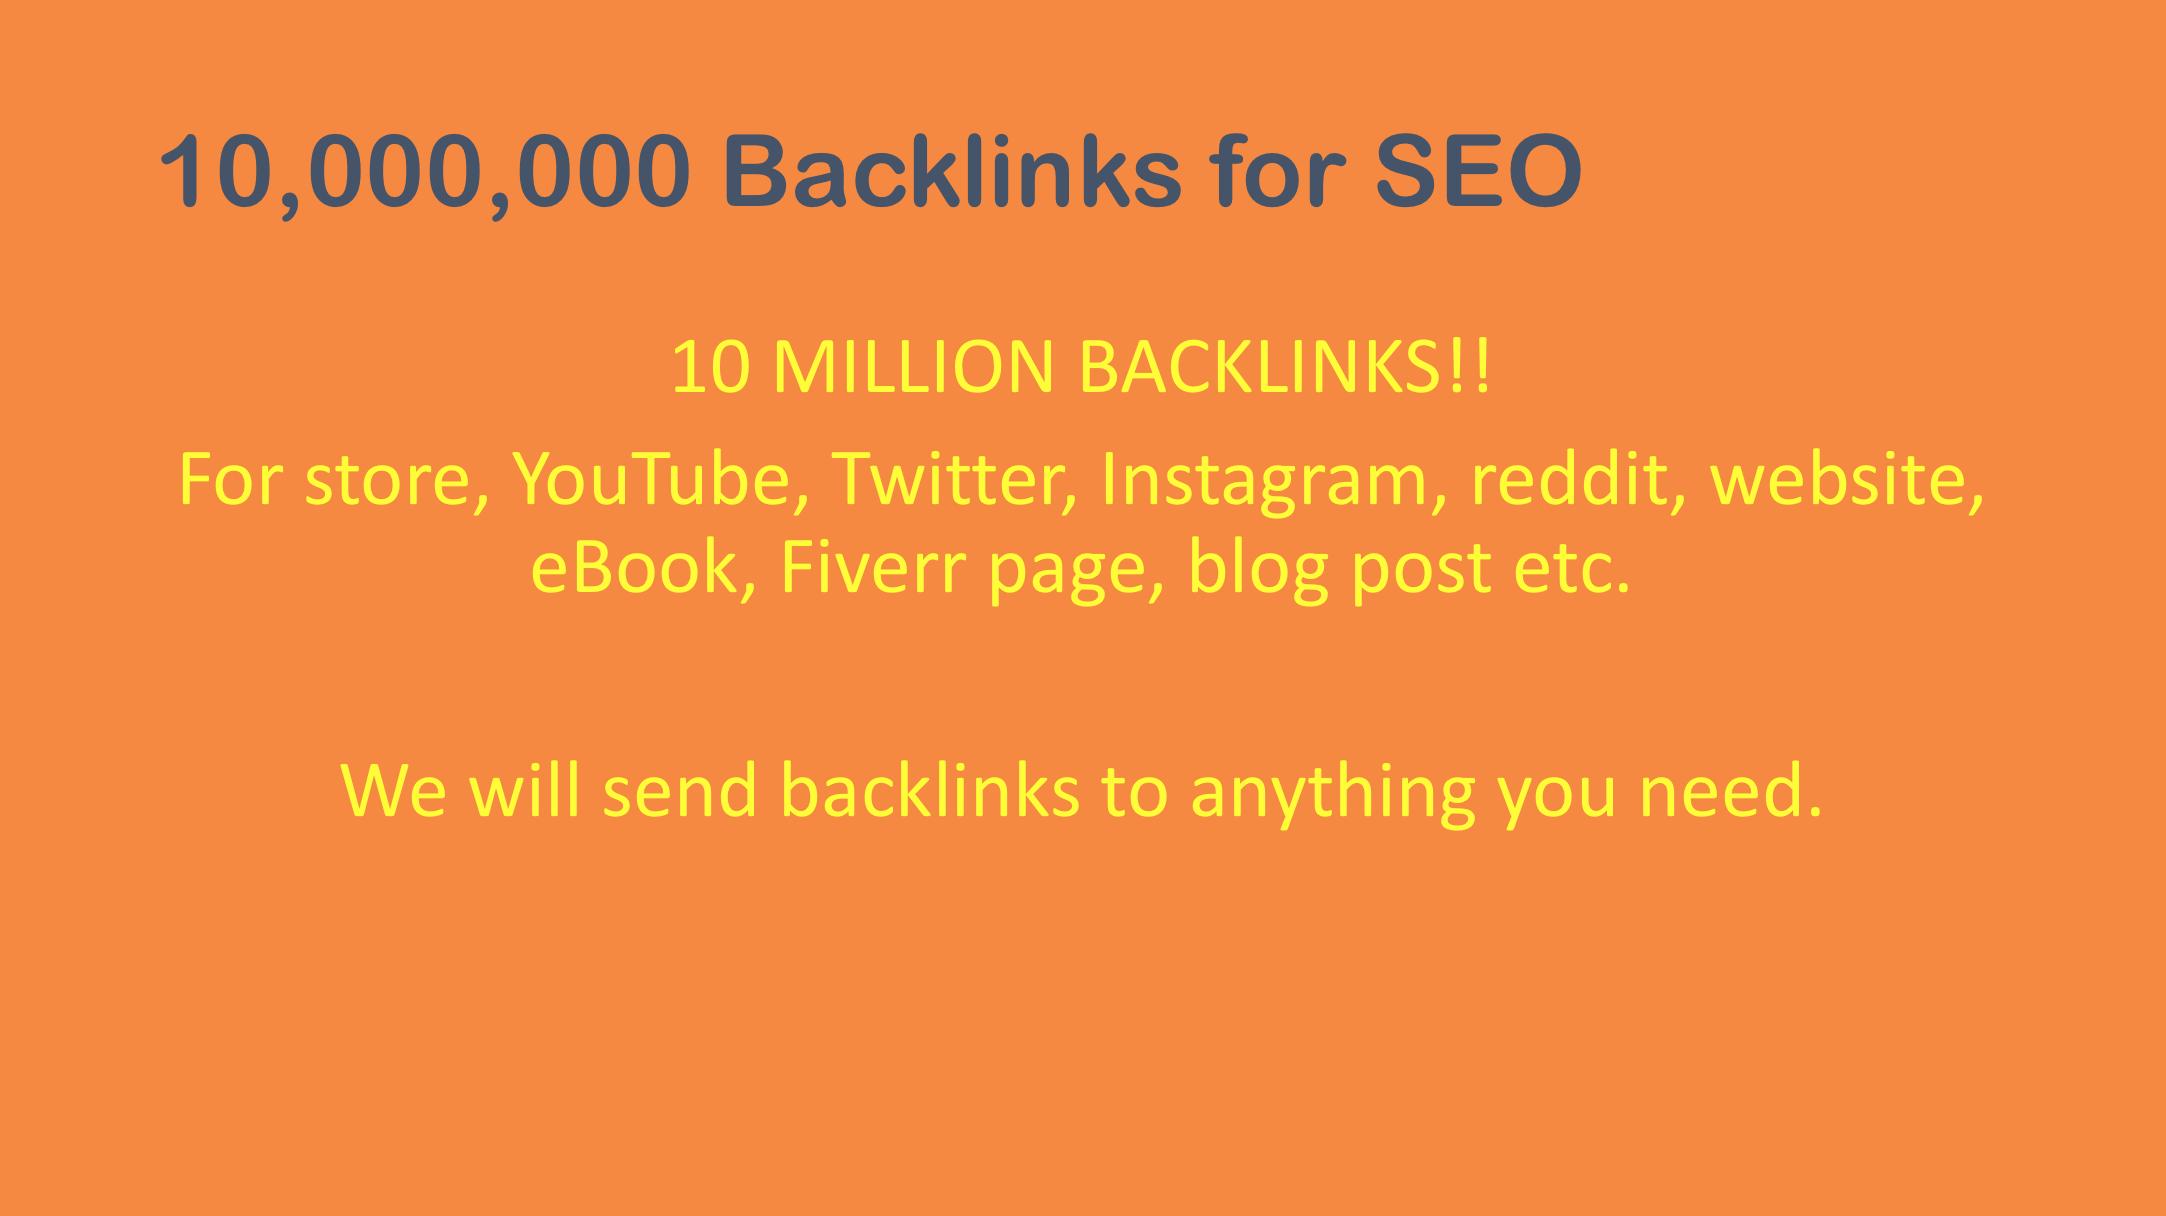 10 Million Backlinks for Website,  YouTube etc.